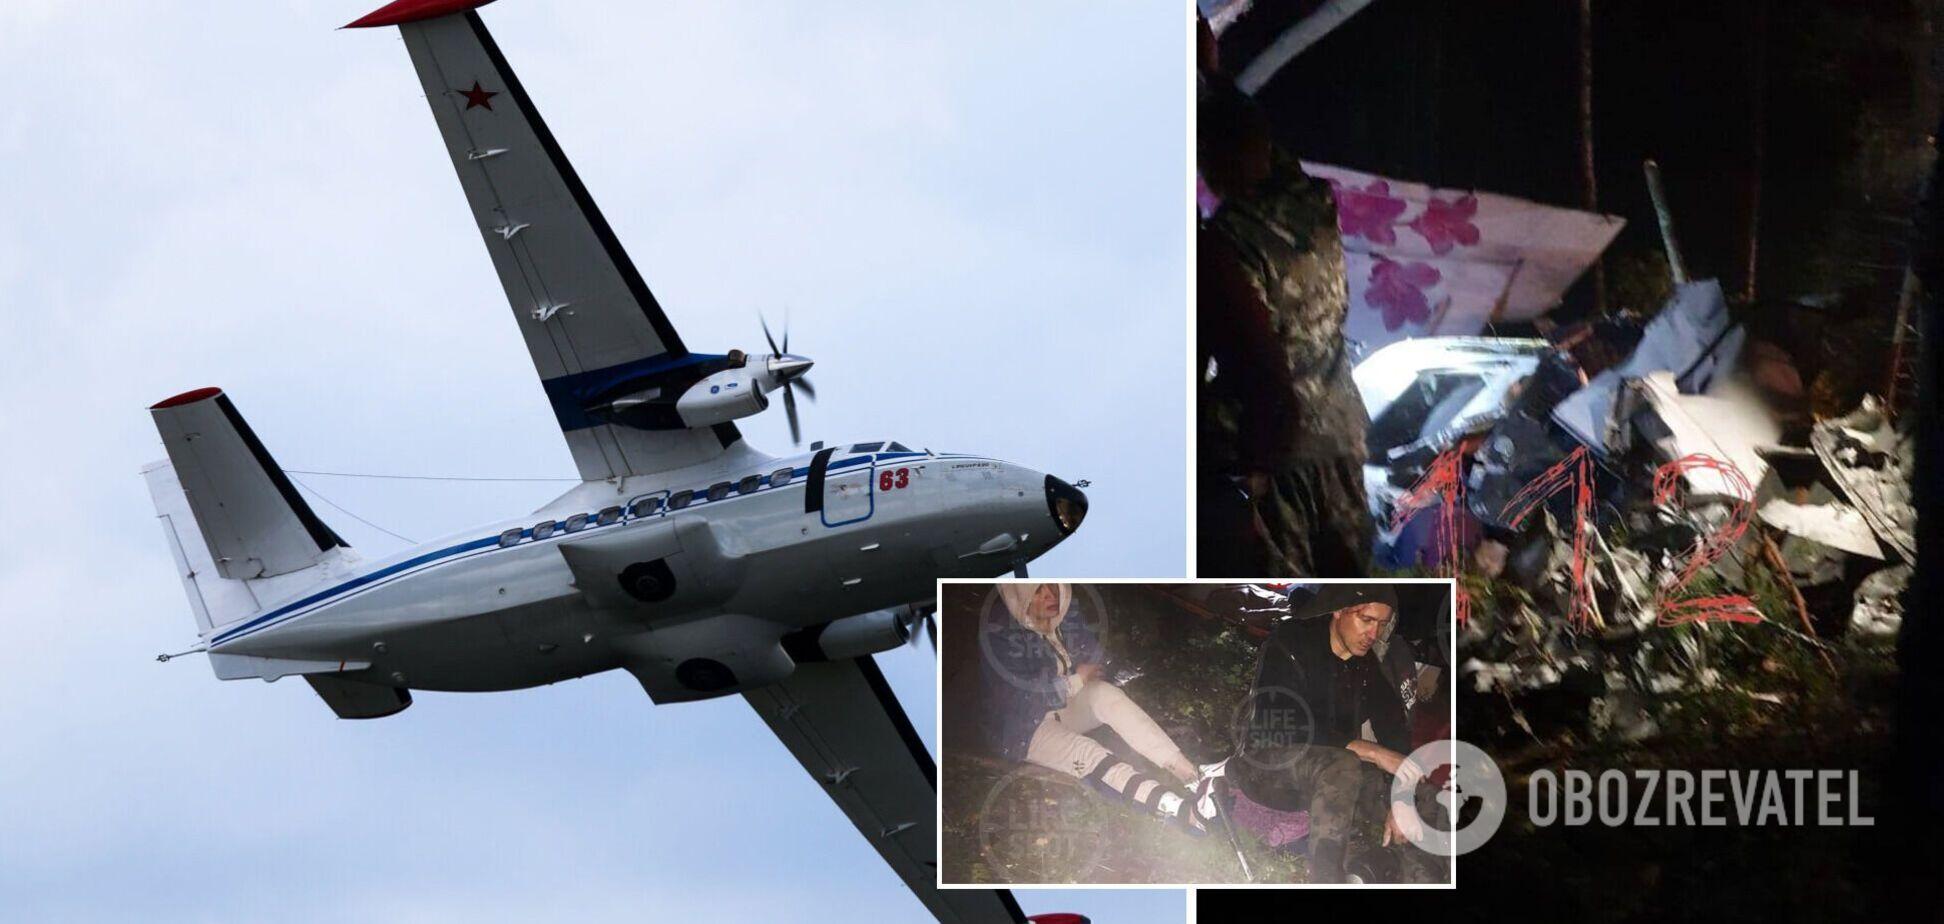 В России упал и загорелся пассажирский самолет: названы причины